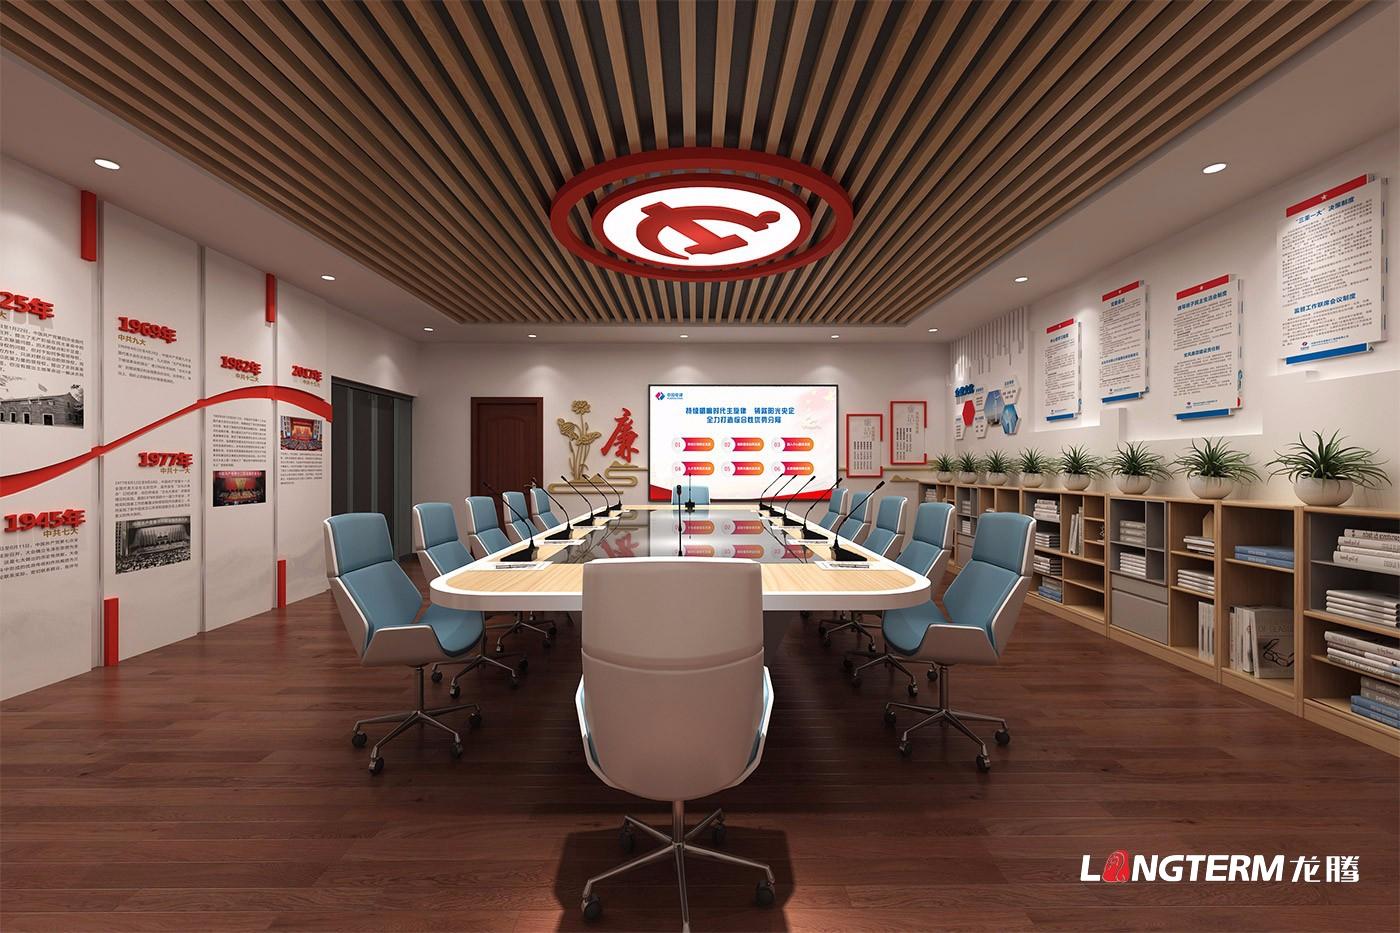 中国水利水电第五工程局有限公司三分局党建室改造设计装修一体化